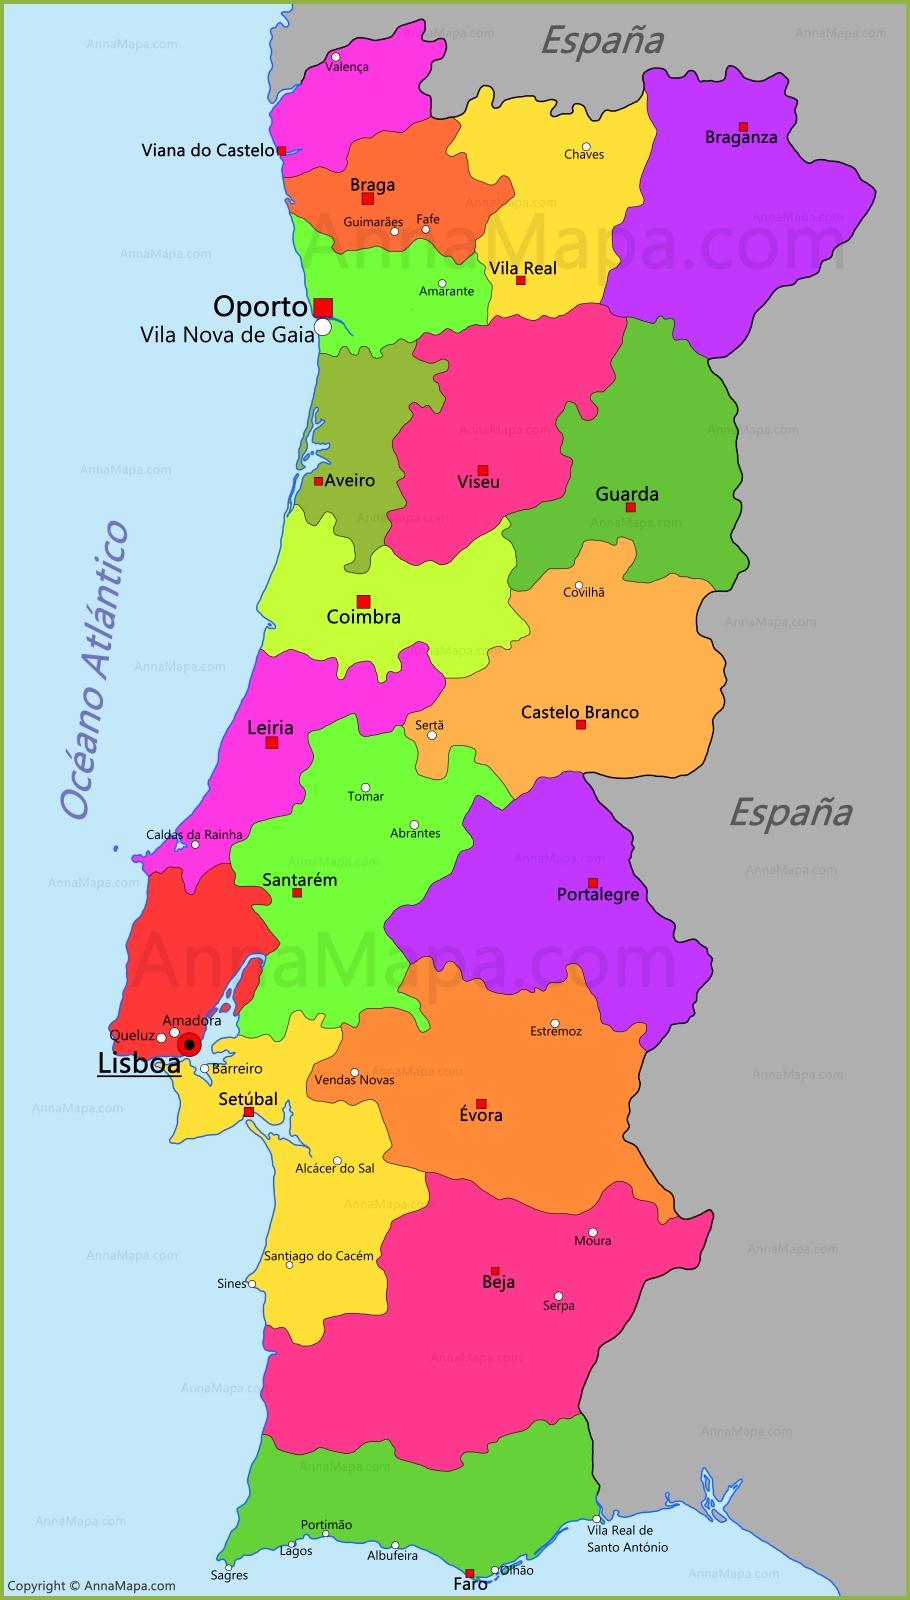 imagens do mapa de portugal Mapa de Portugal   AnnaMapa.com imagens do mapa de portugal